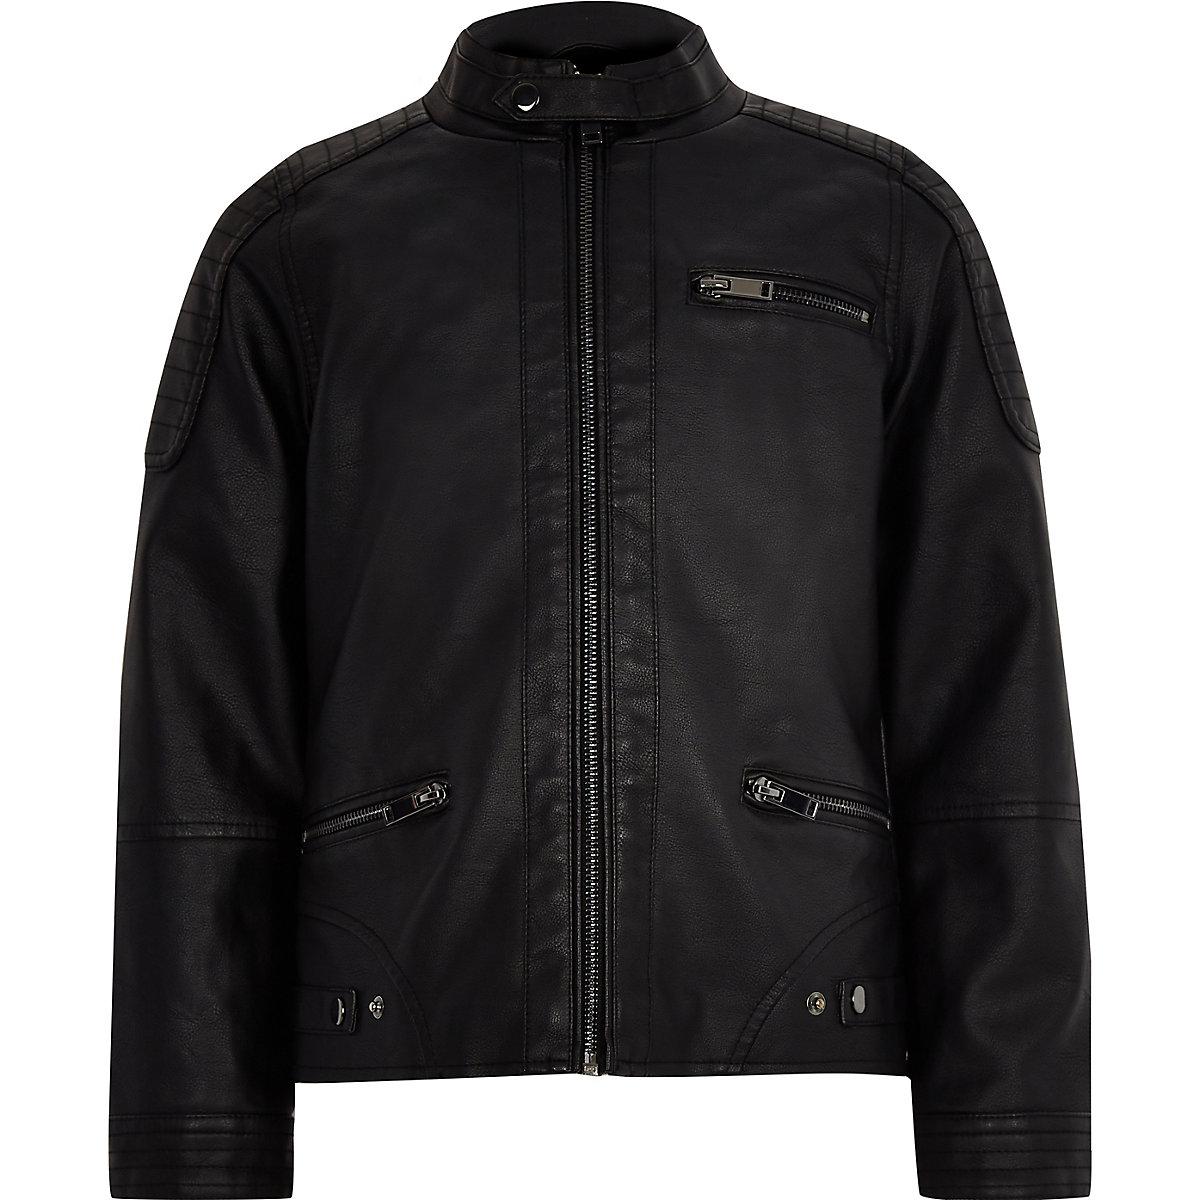 Perfecto Synthétique Manteaux Vestes Noir Cuir En Garçon rUxrzw